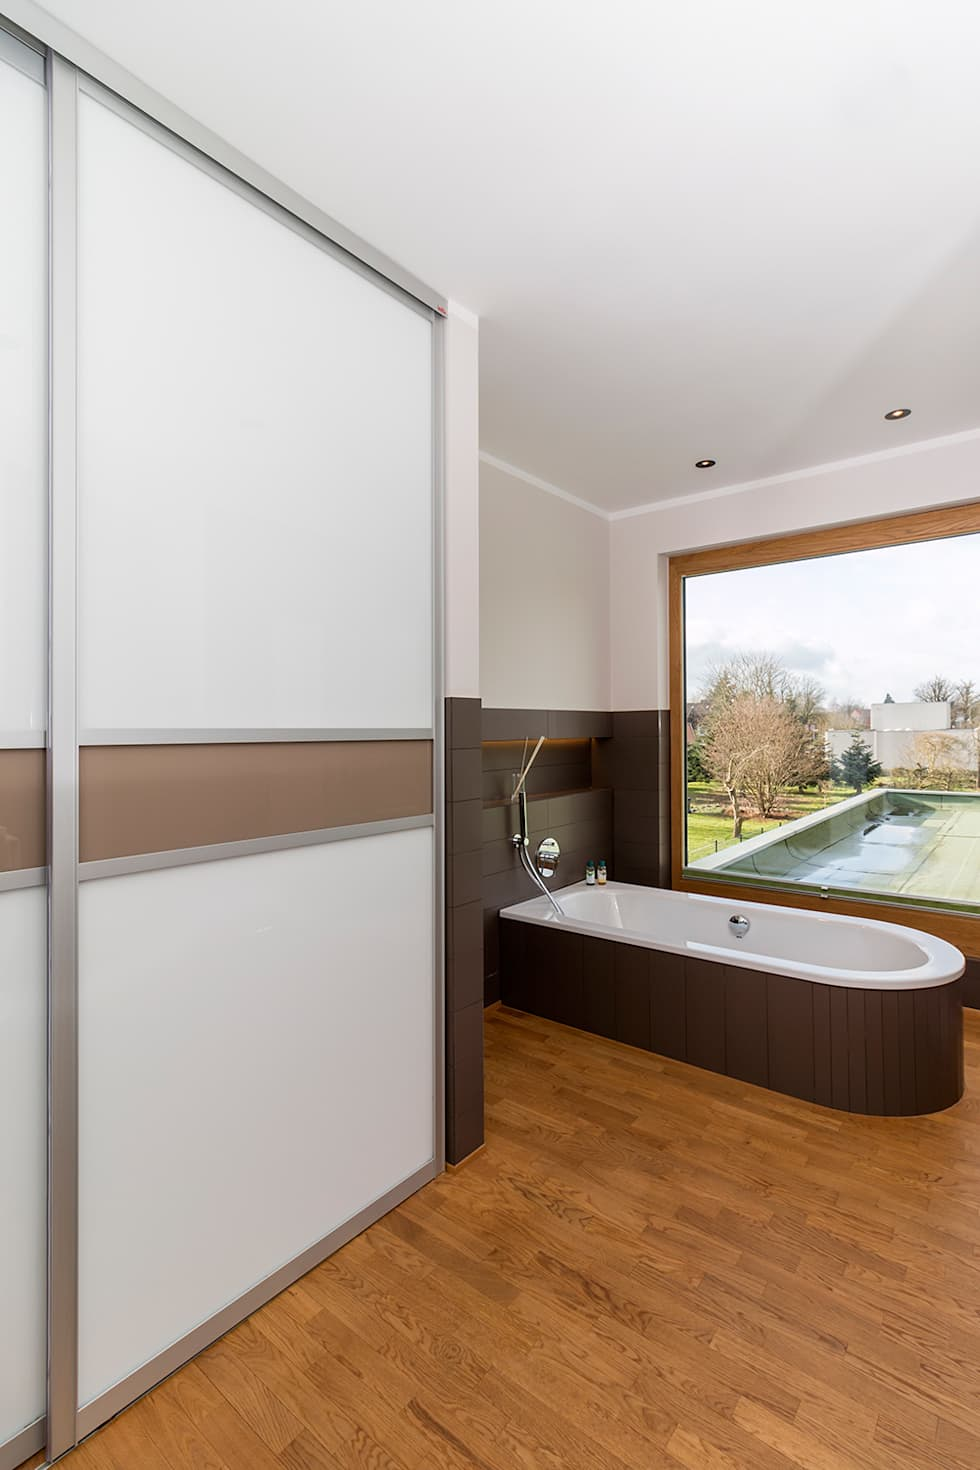 Wohnideen Interior Design Einrichtungsideen Bilder Homify - Badezimmer einbauschrank